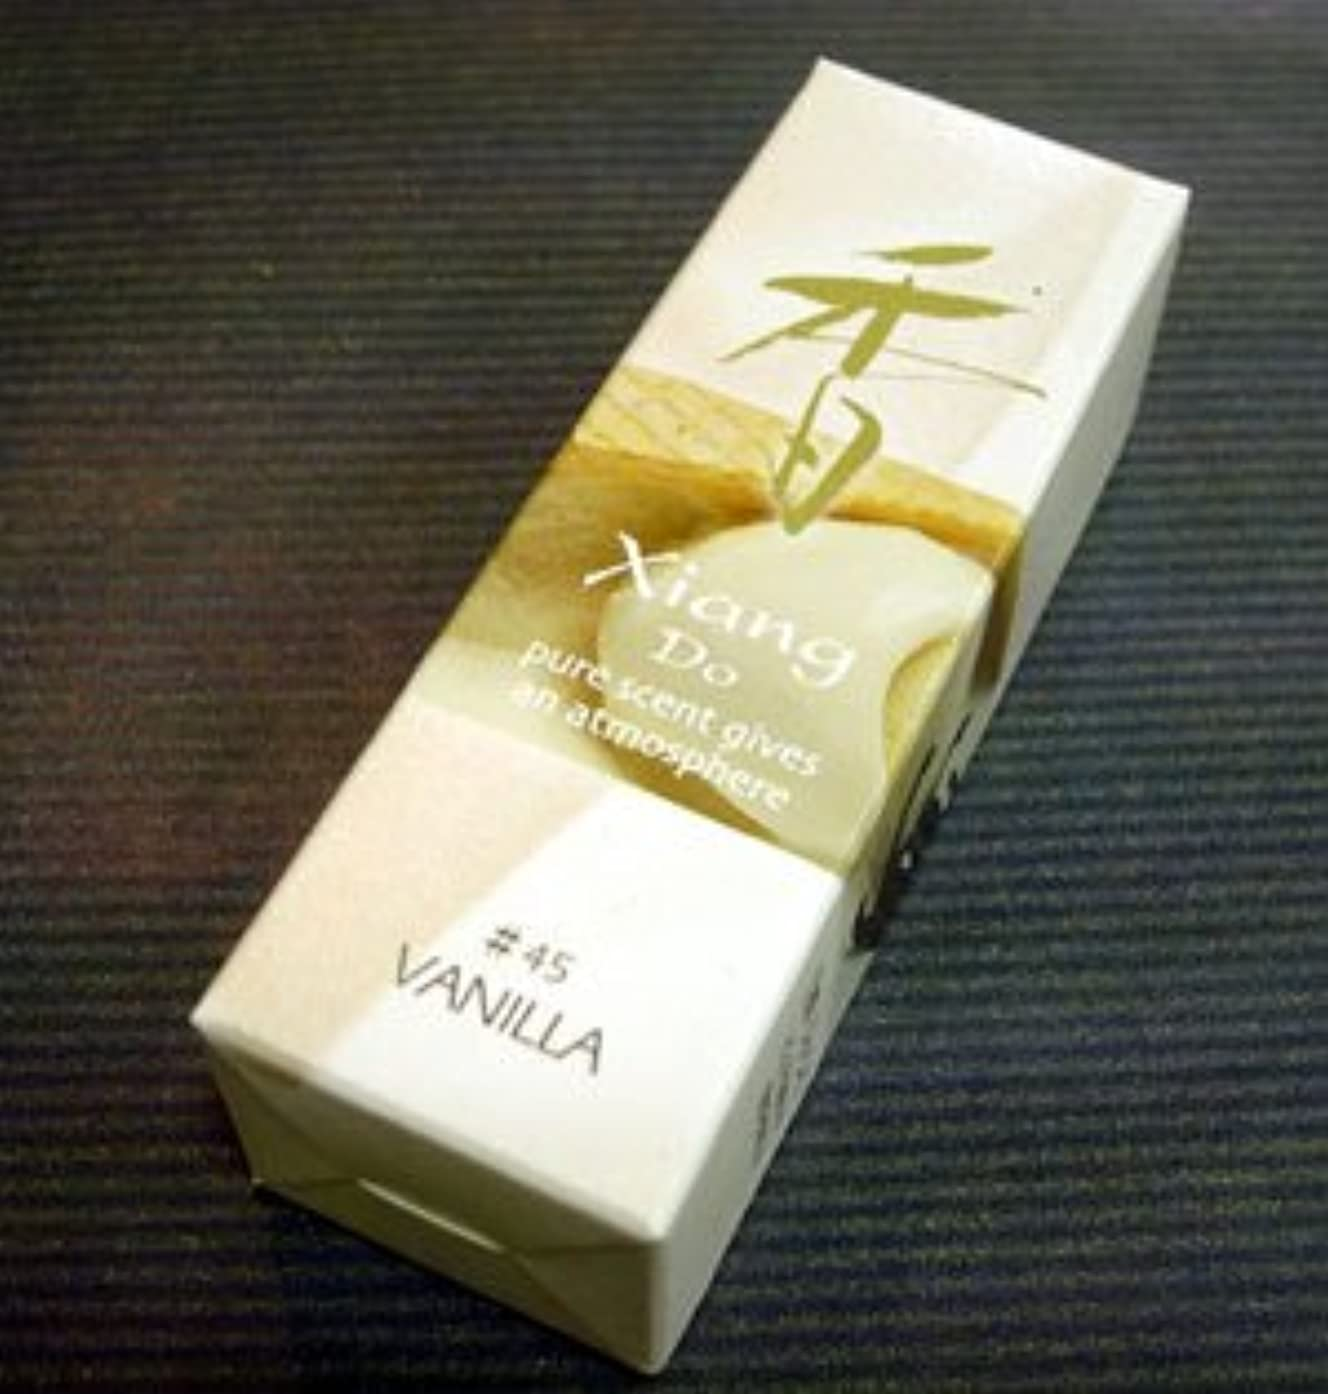 微生物解決溶けるせつなく甘い思い出の香り 松栄堂【Xiang Do バニラ】スティック 【お香】